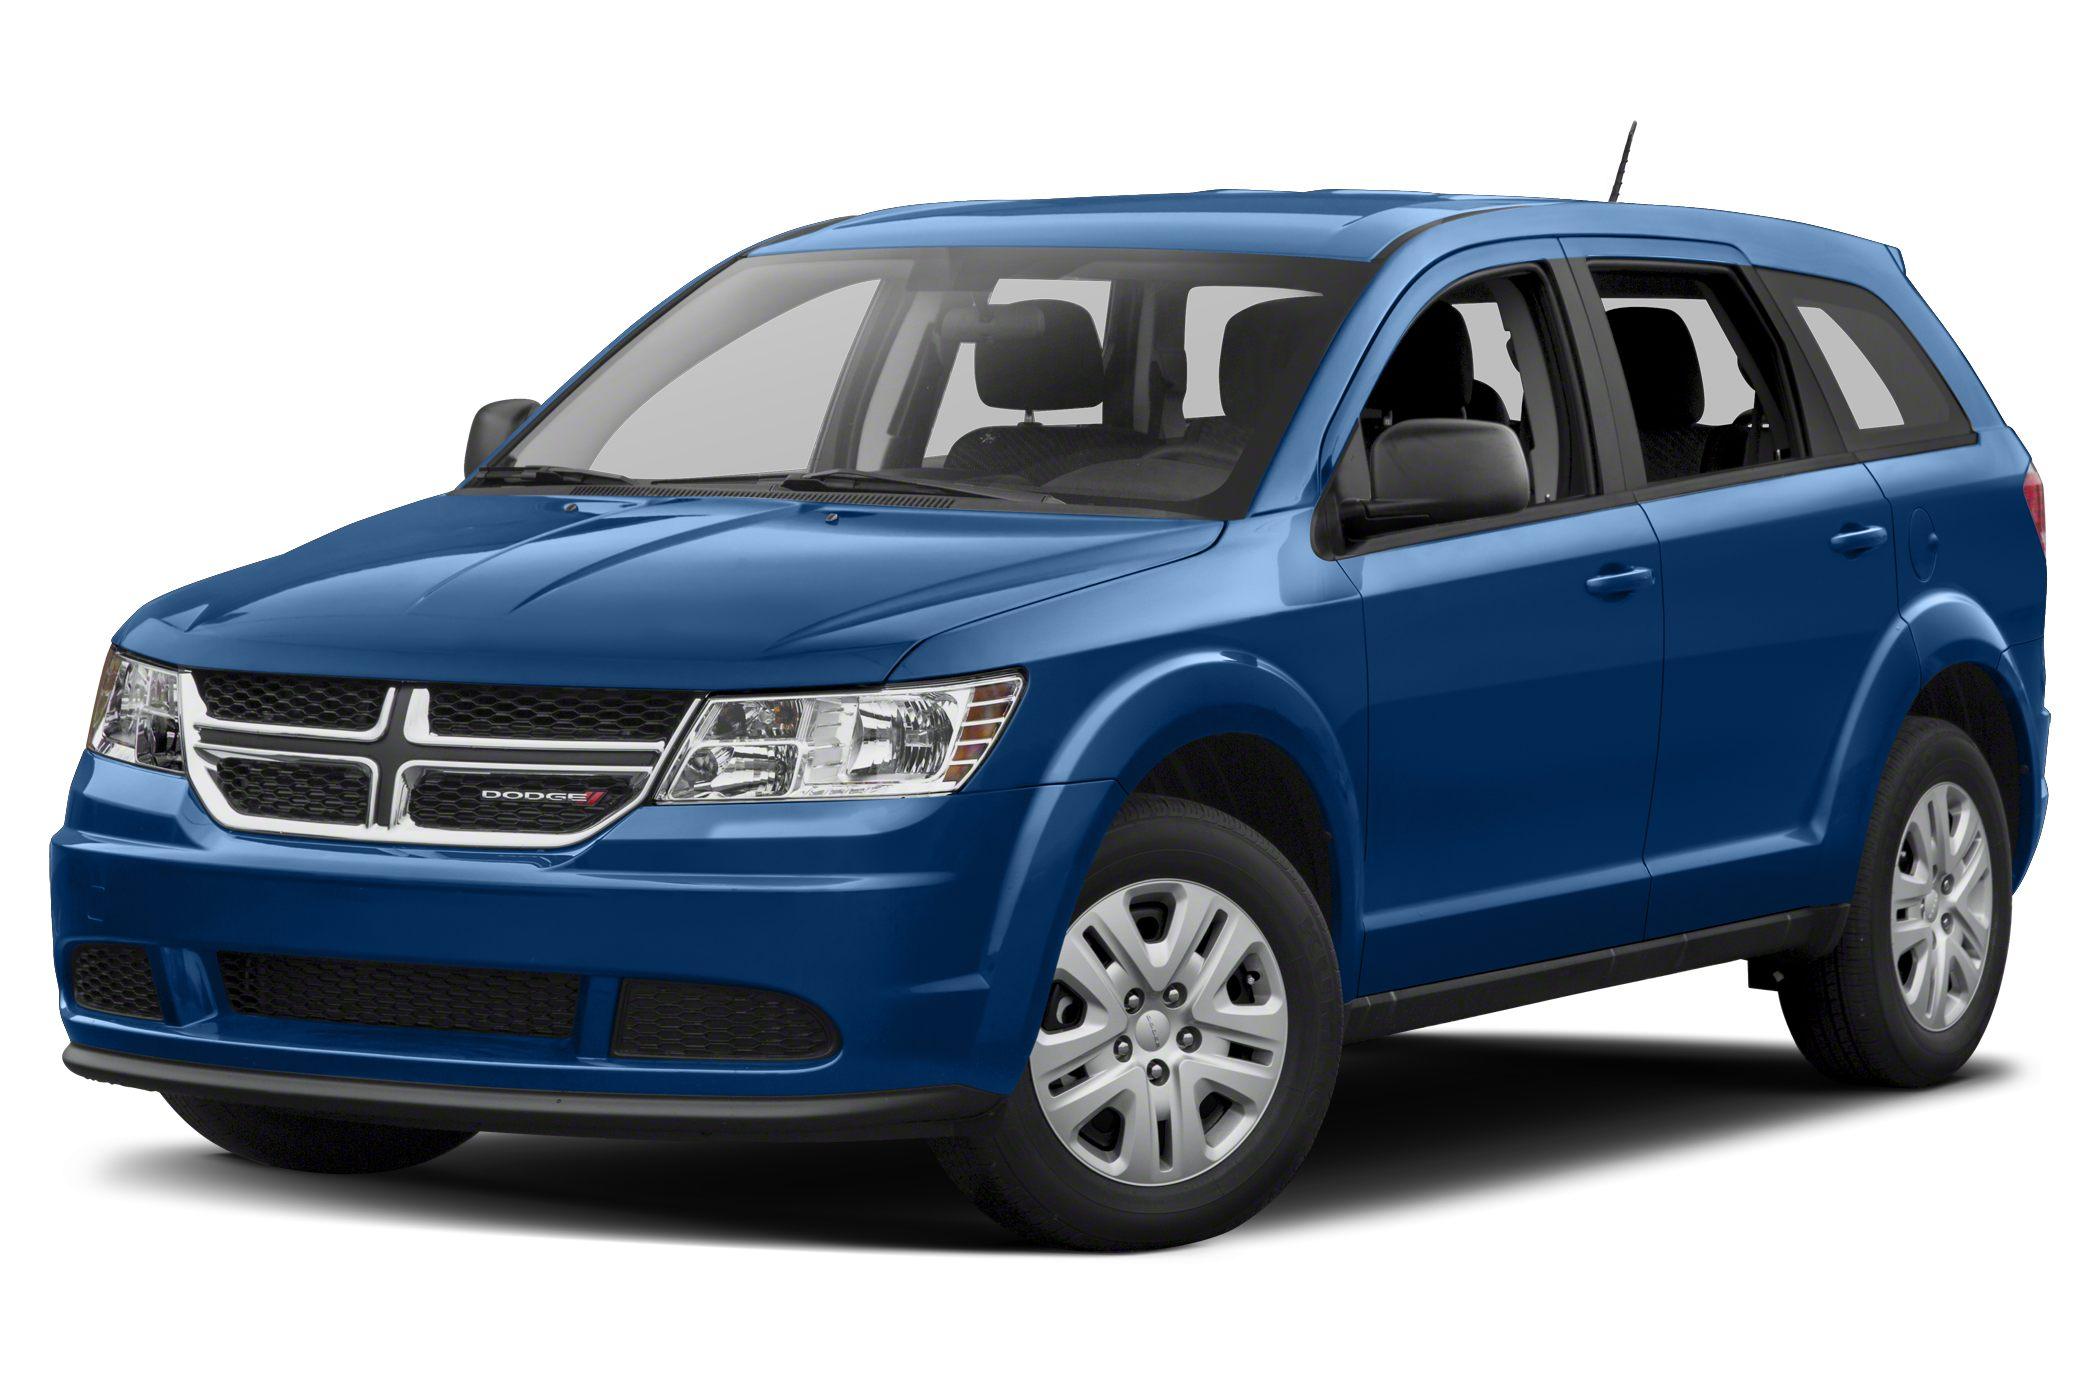 2016 Dodge Journey >> 2016 Dodge Journey Crash Test Ratings